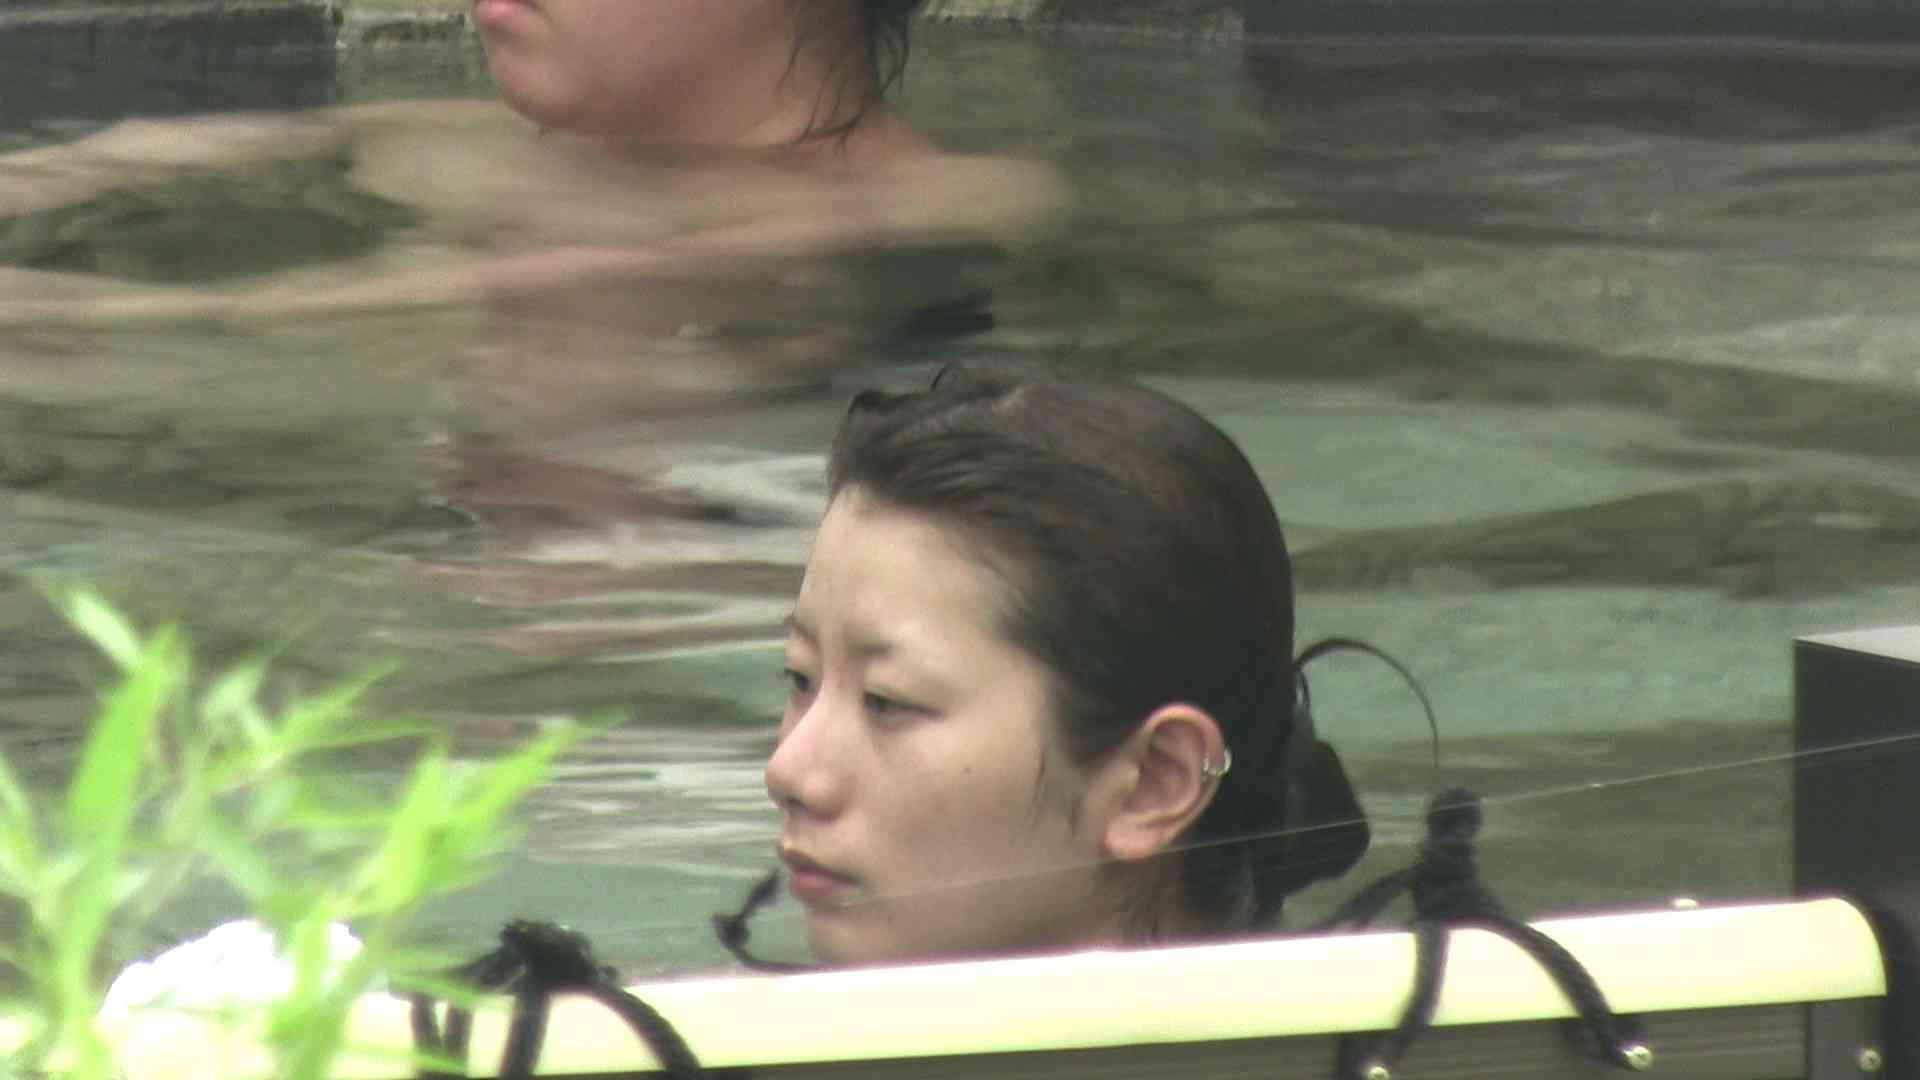 Aquaな露天風呂Vol.19【VIP】 美しいOLの裸体   盗撮師作品  106pic 100